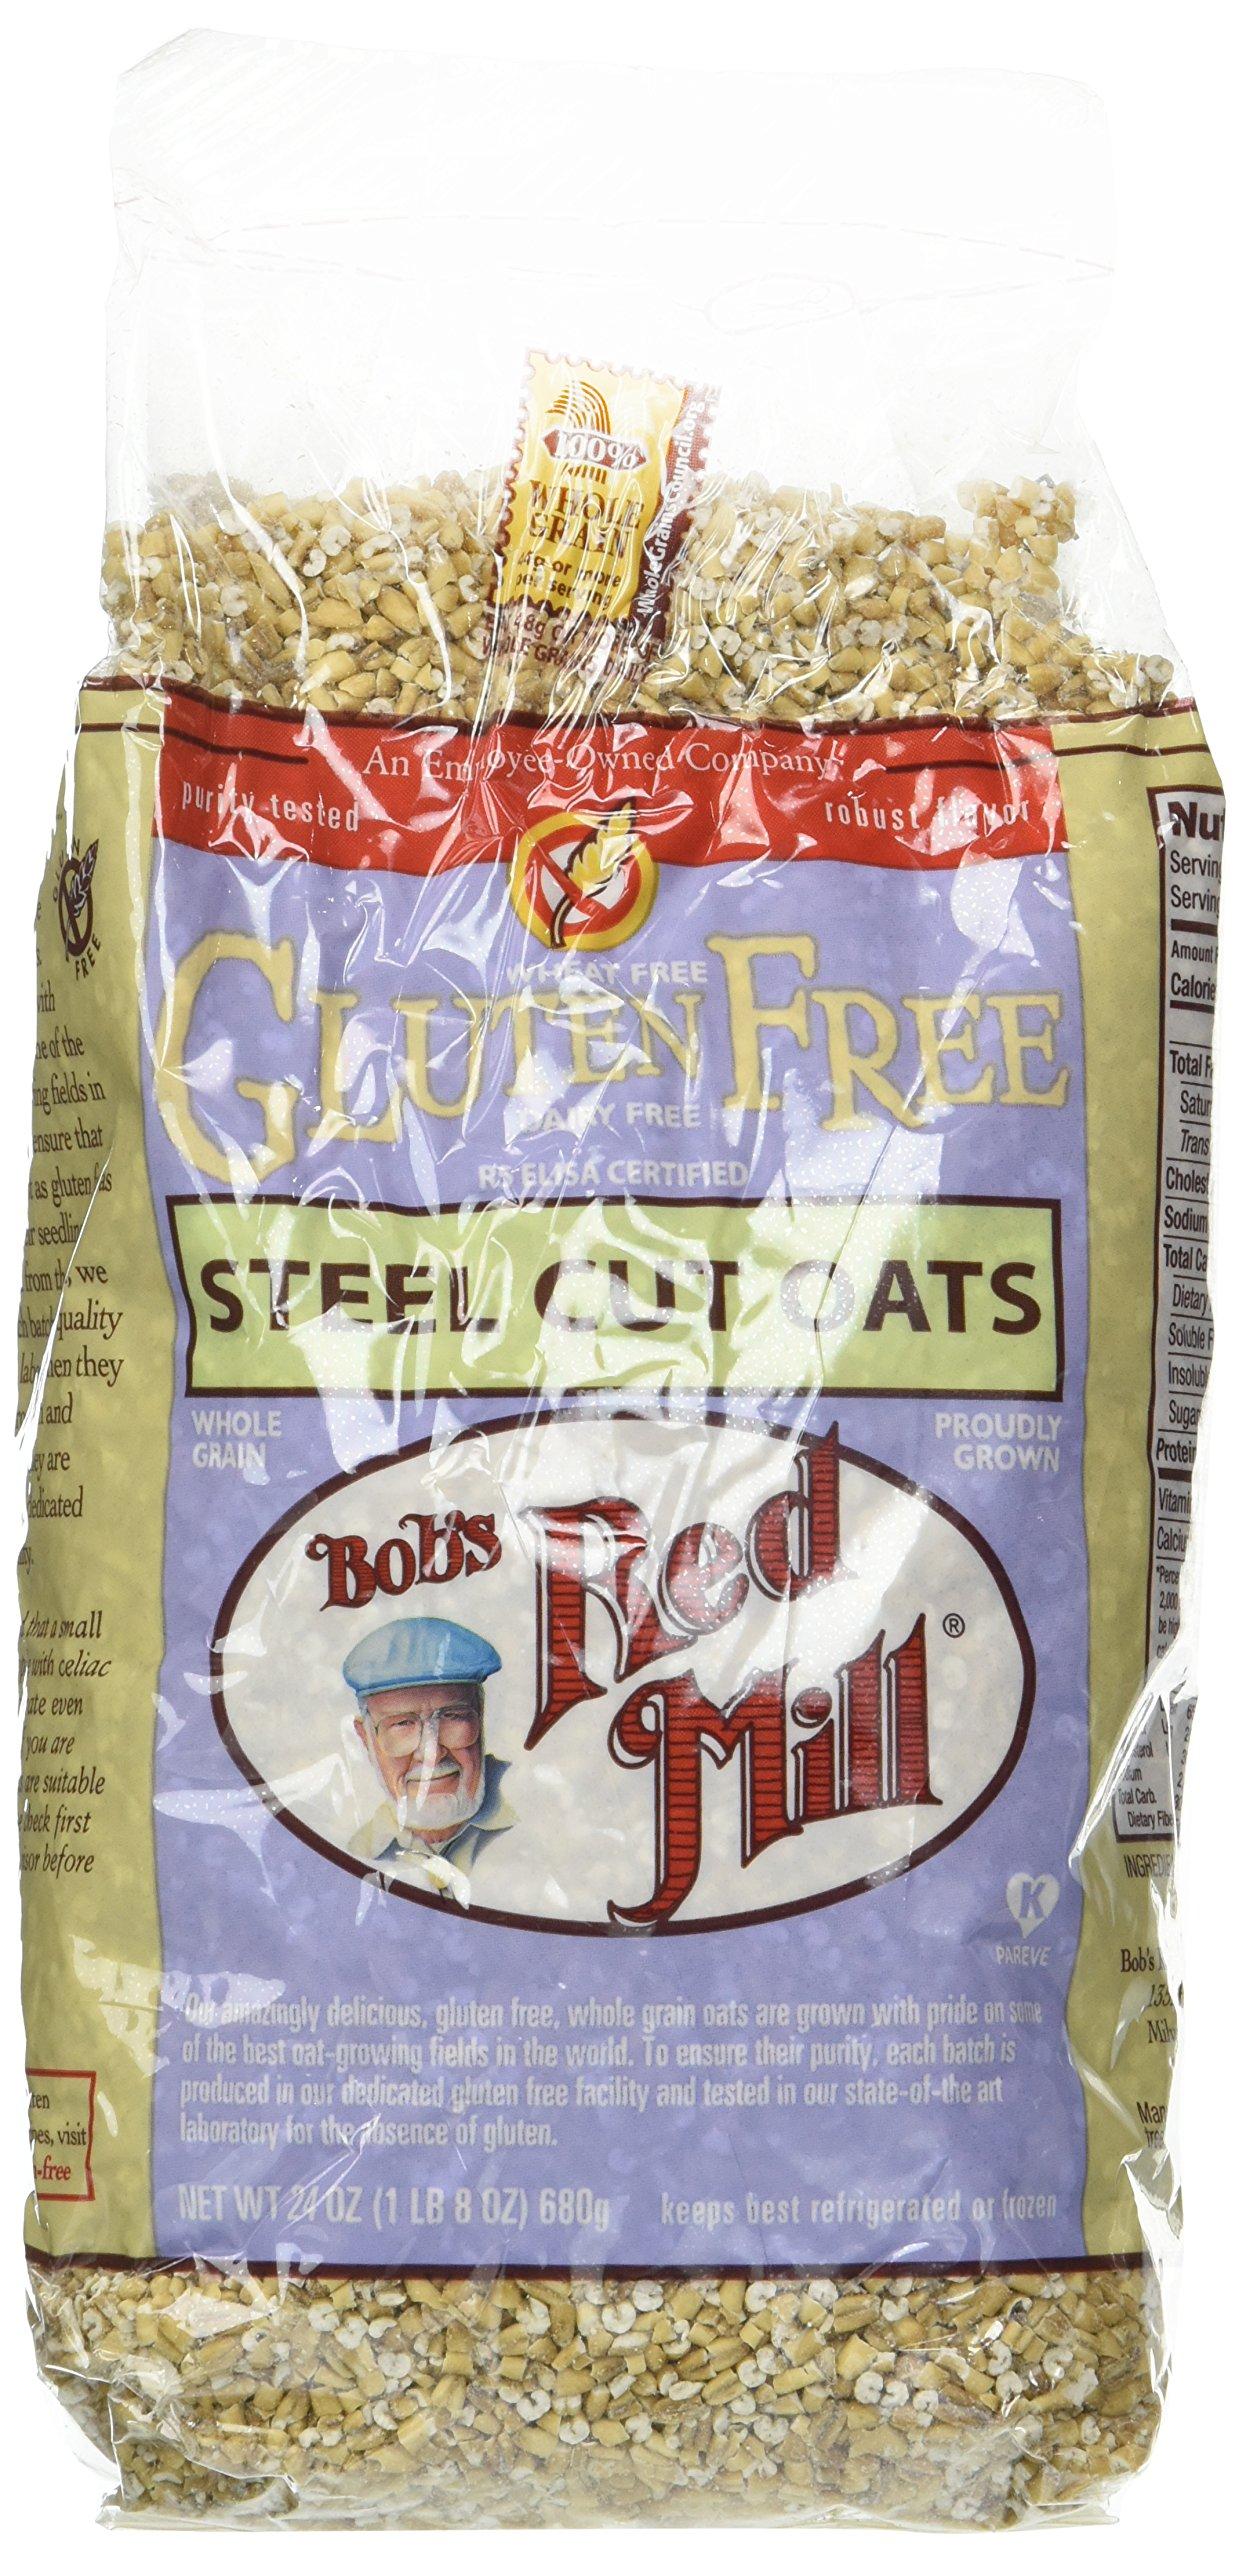 Bob's Red Mill Gluten Free Whole Grain Steel Cut Oats - 24 oz - 2 pk